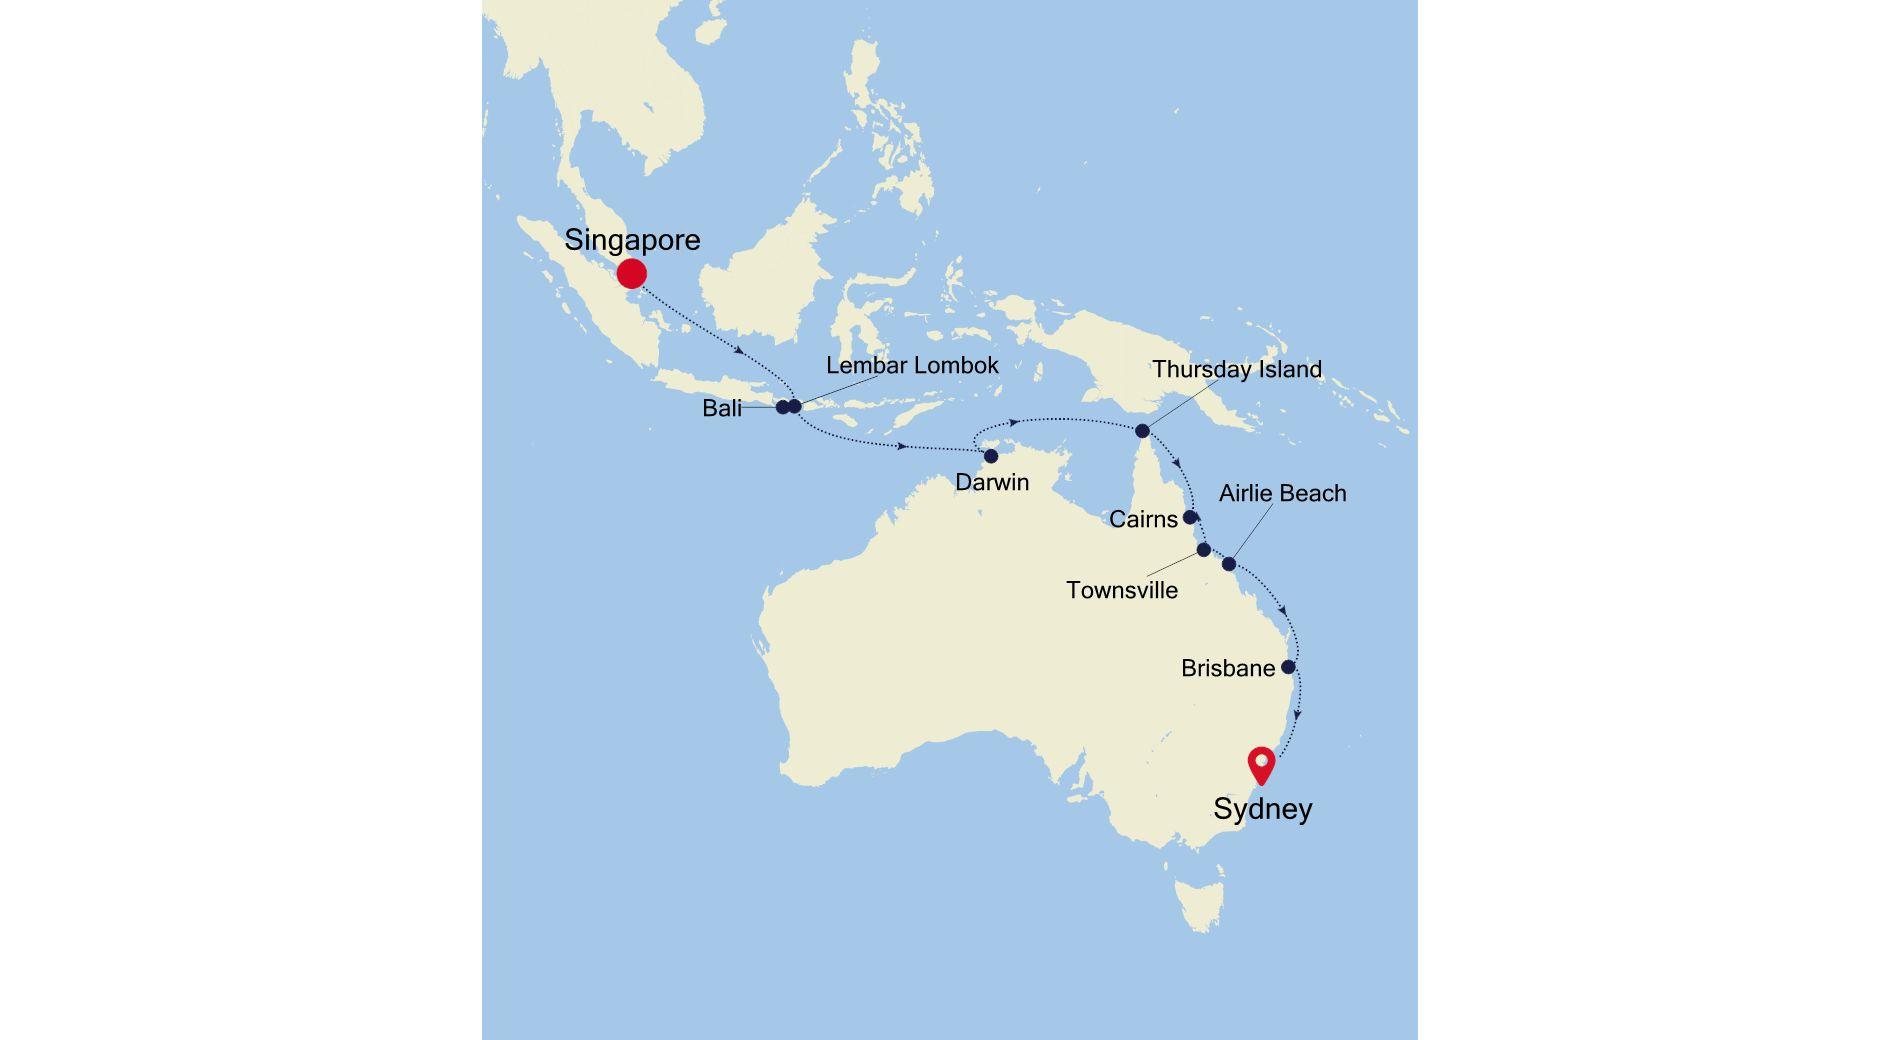 SM211129018 - Singapore to Sydney